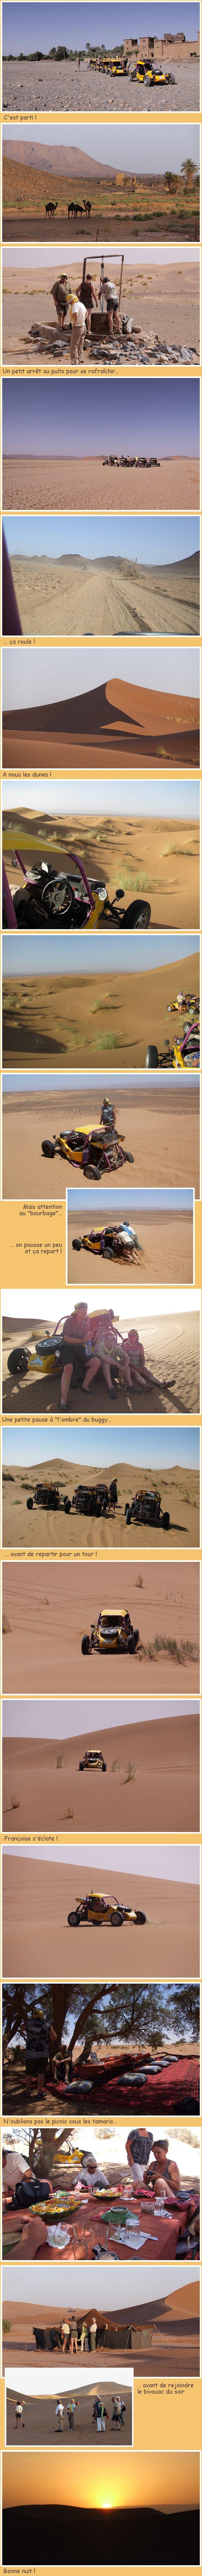 Dans les dunes - suite